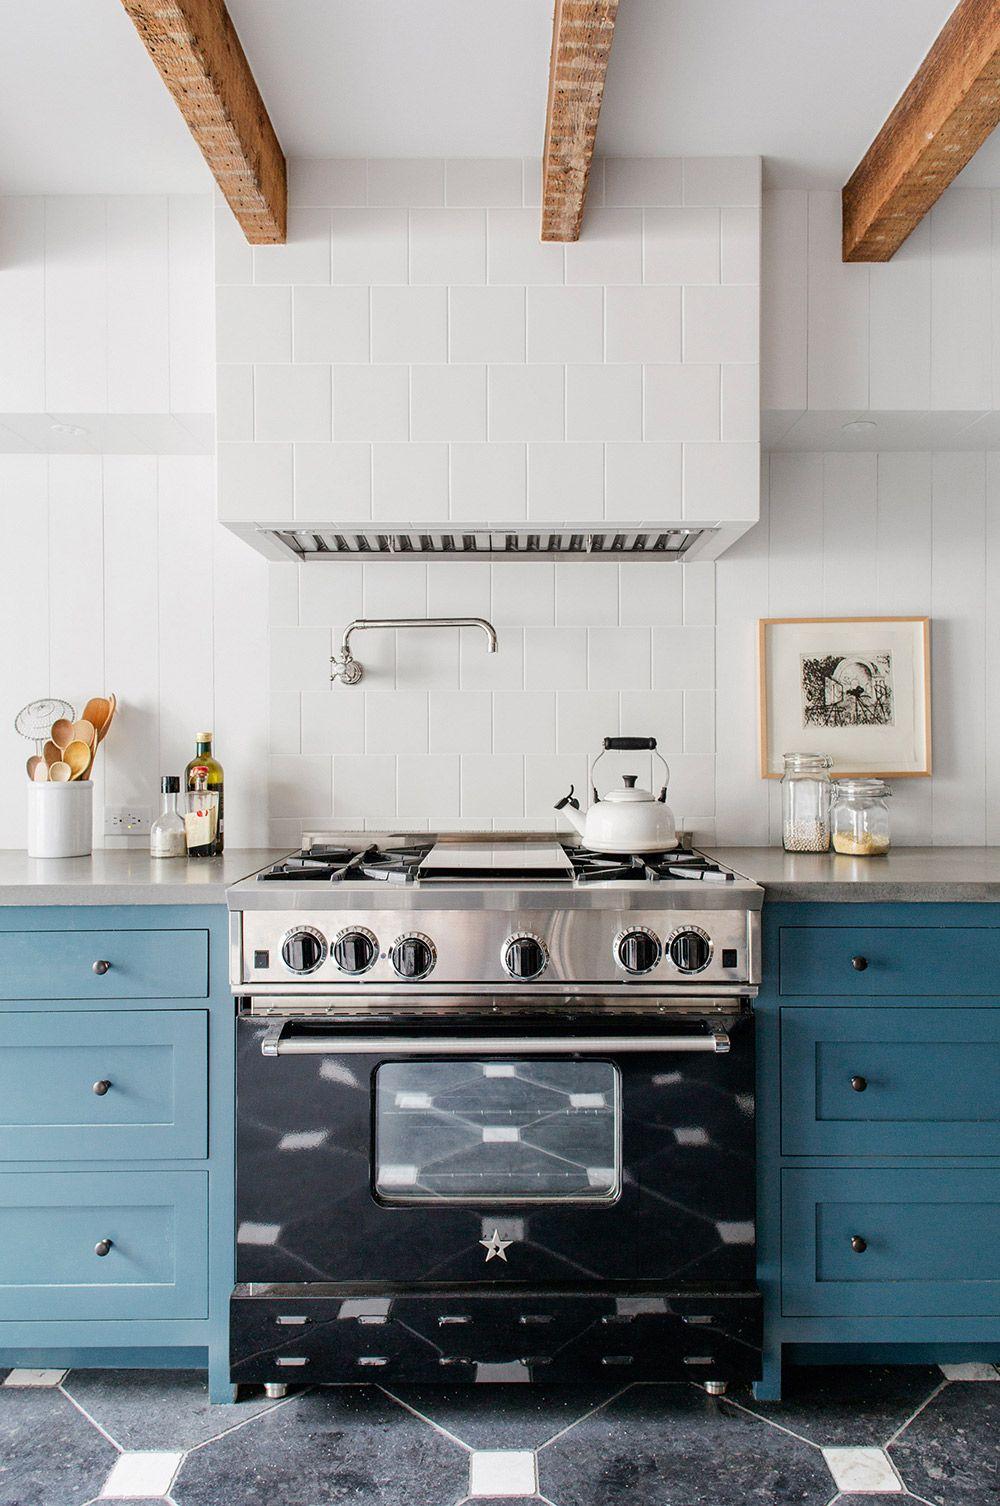 Küchenideen mit schwarzen schränken step inside a stunning brooklyn townhouse  küche küchen ideen und